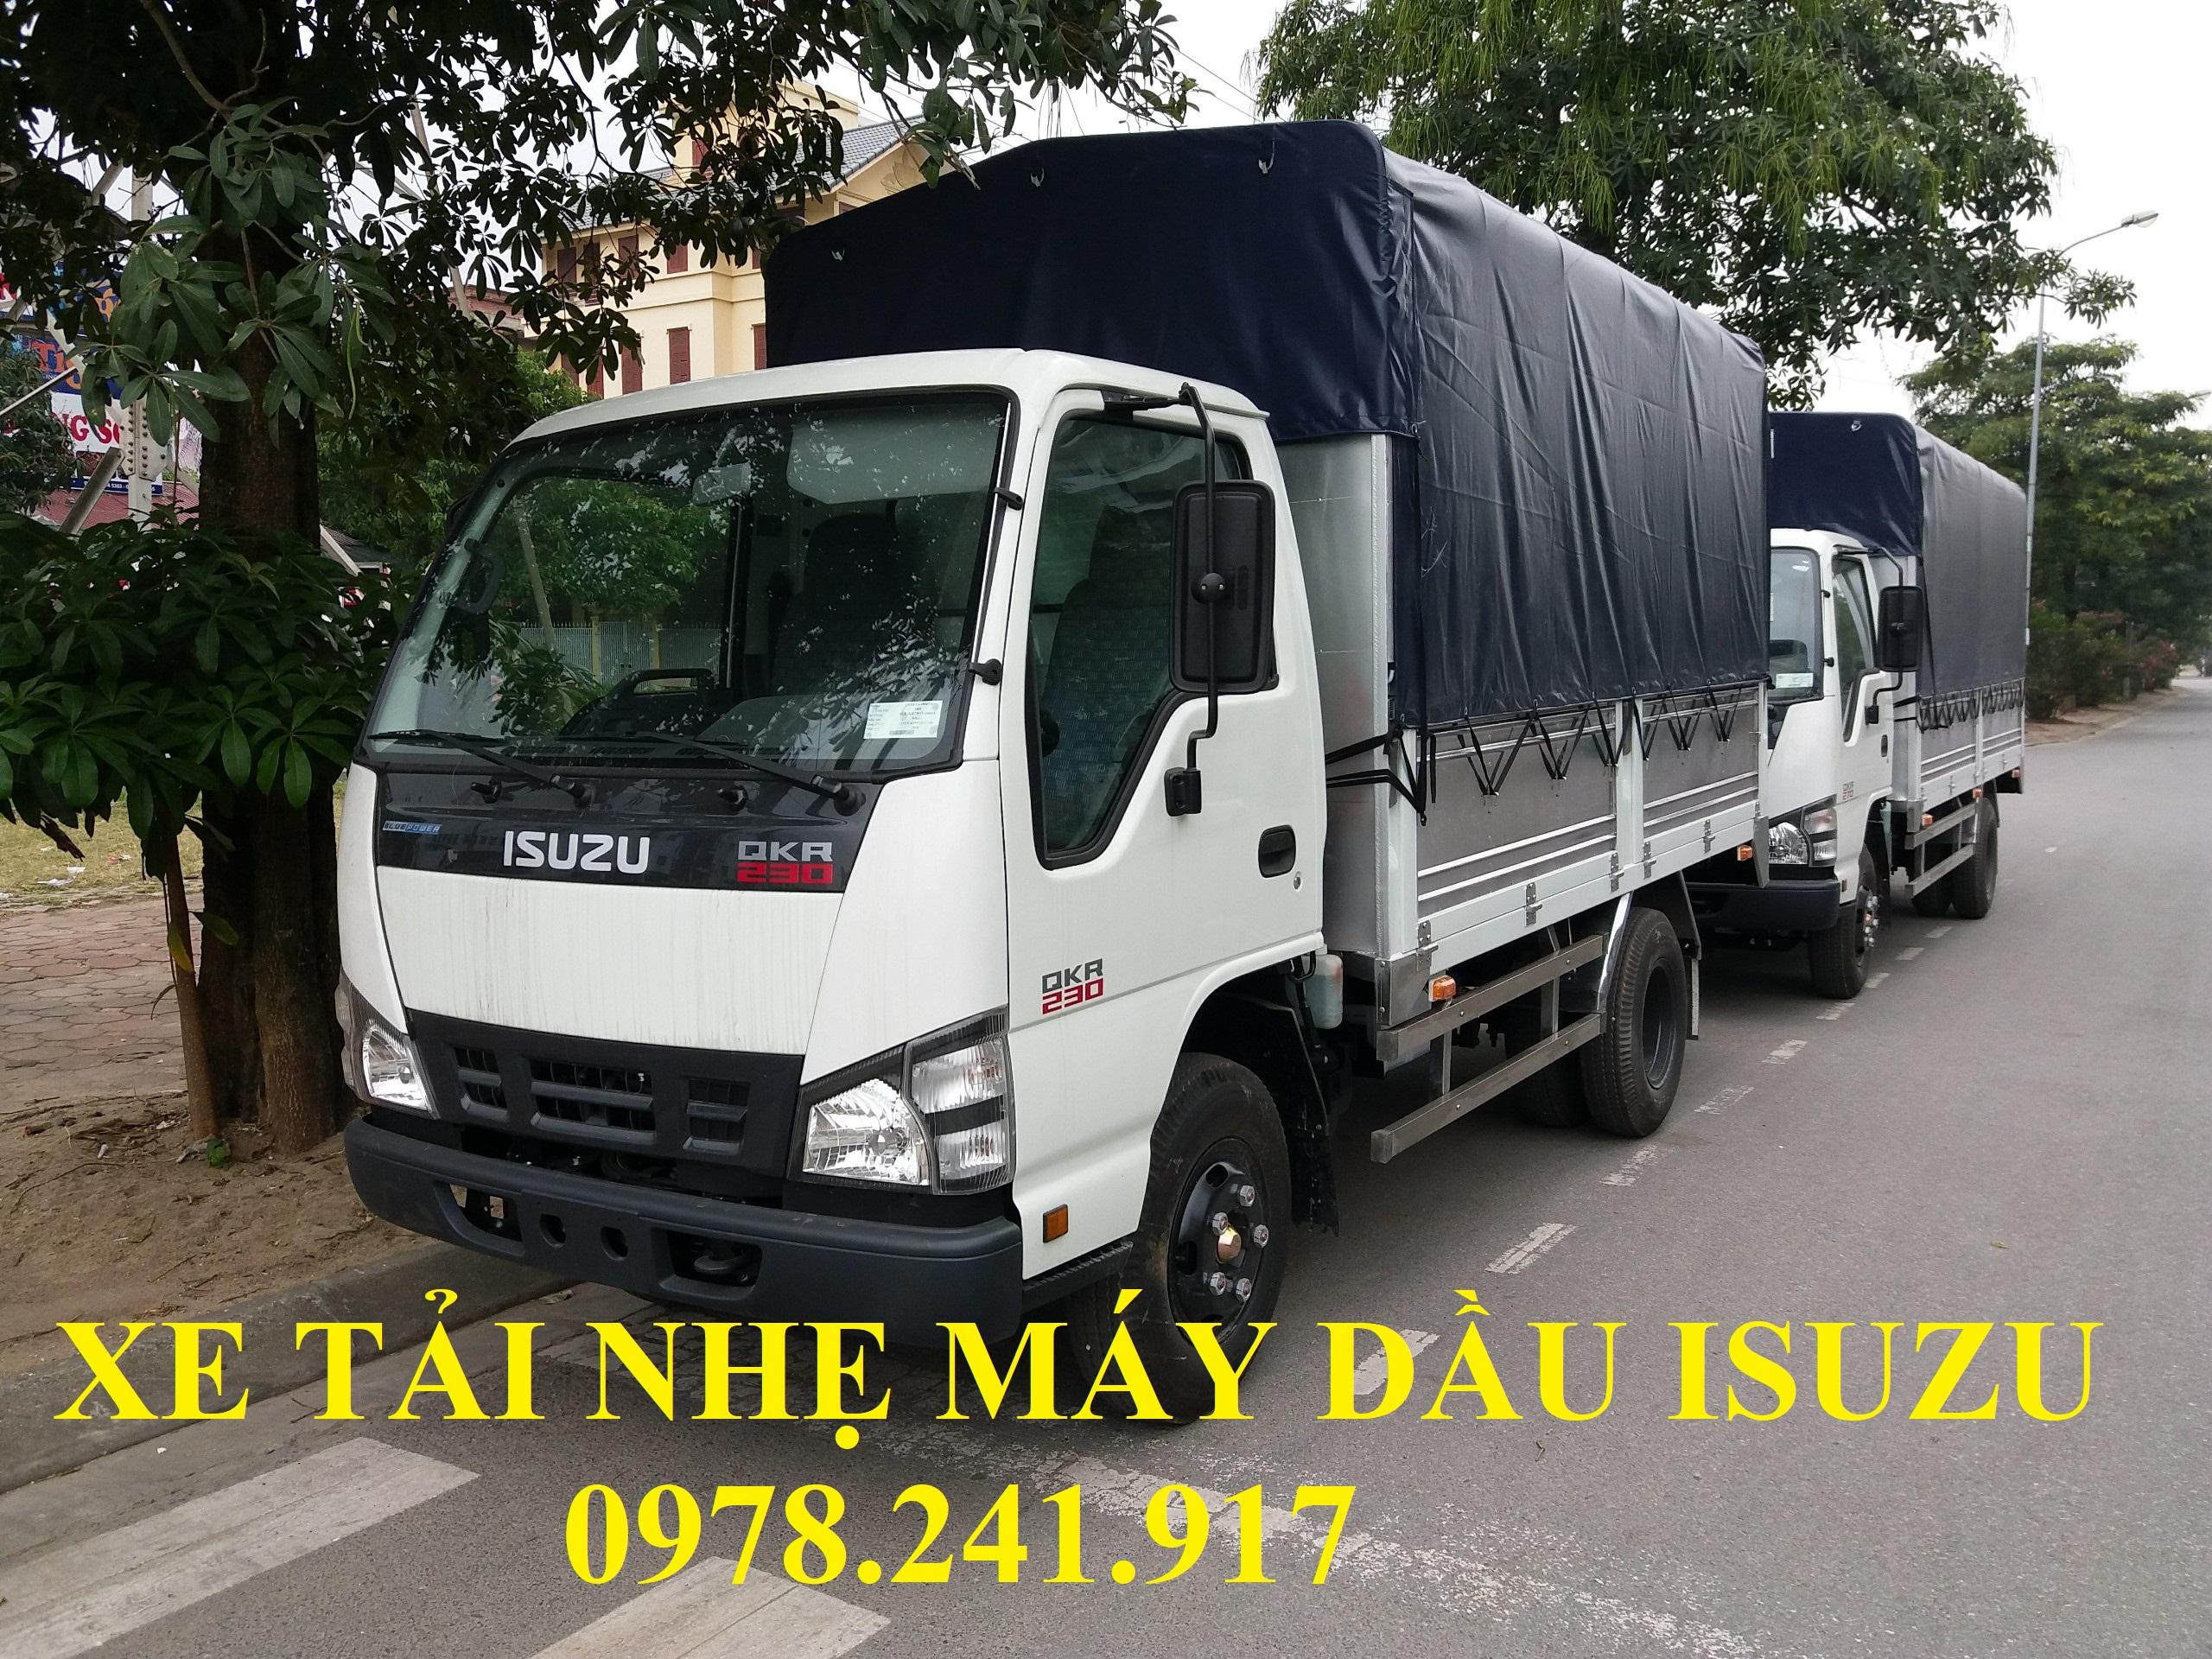 xe tải nhẹ máy dầu isuzu